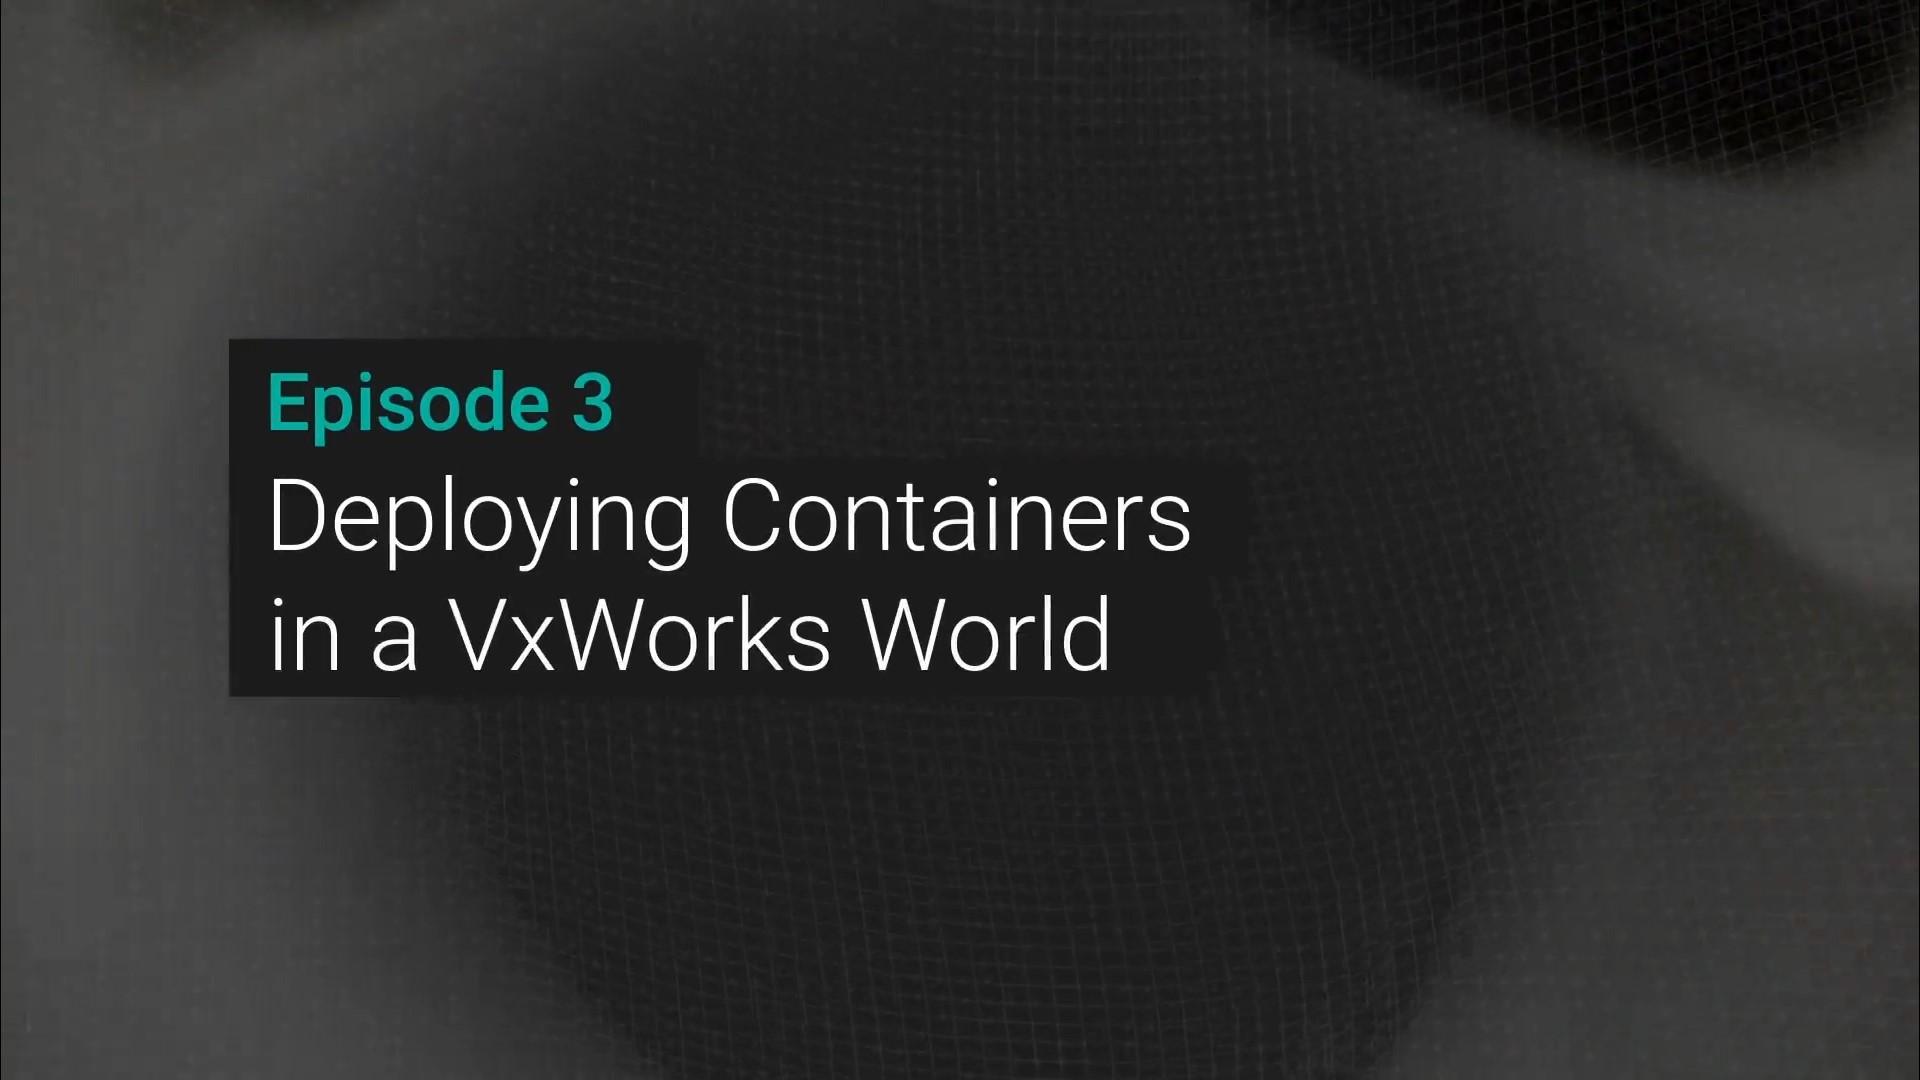 Le déploiement de conteneurs dans un monde VxWorks